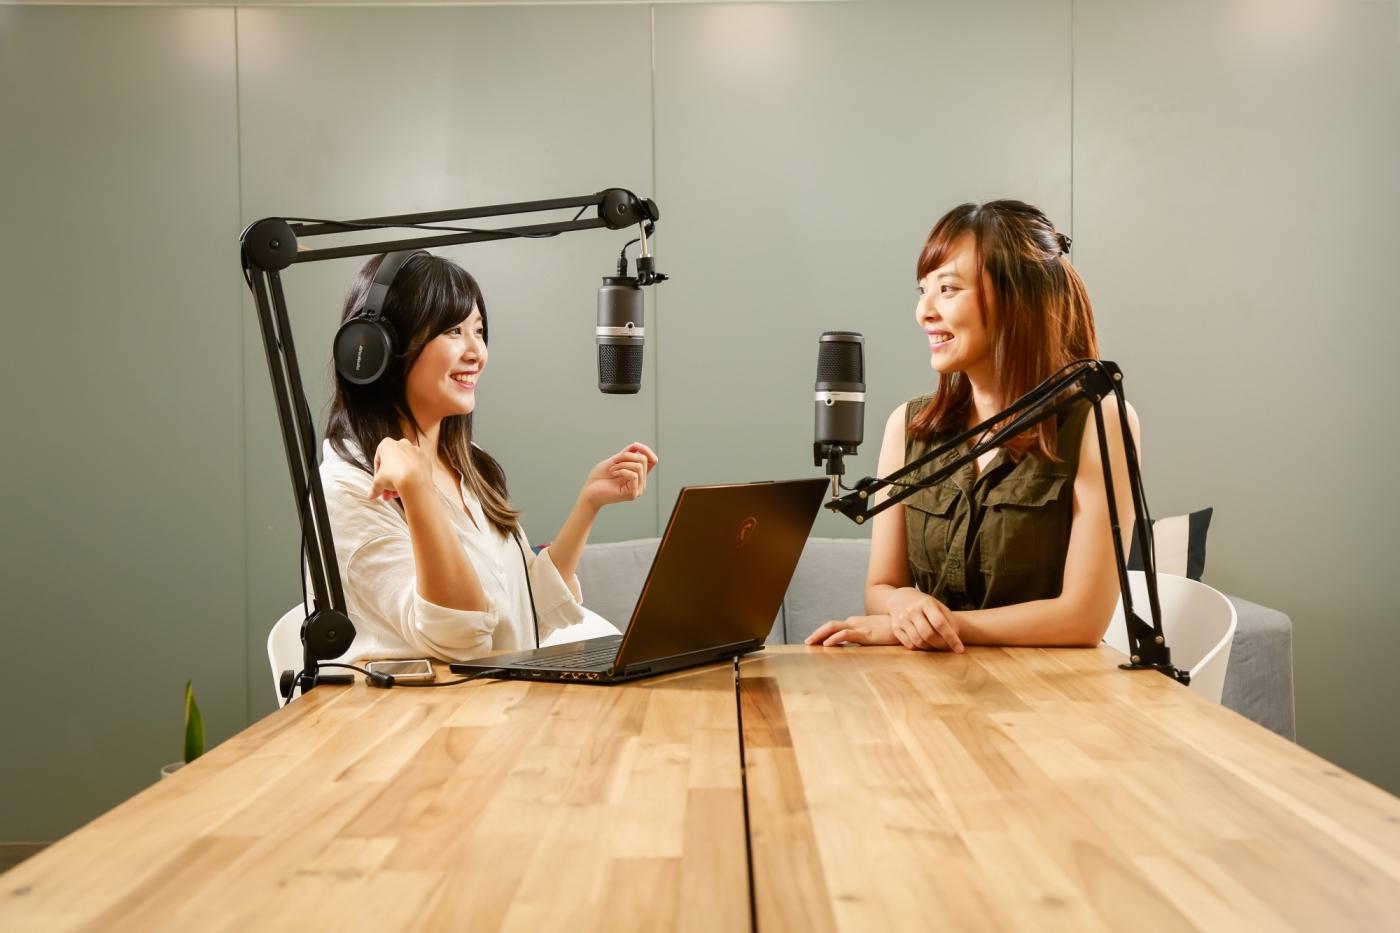 從Podcast浪潮看成功要素  內容、音質缺一不可